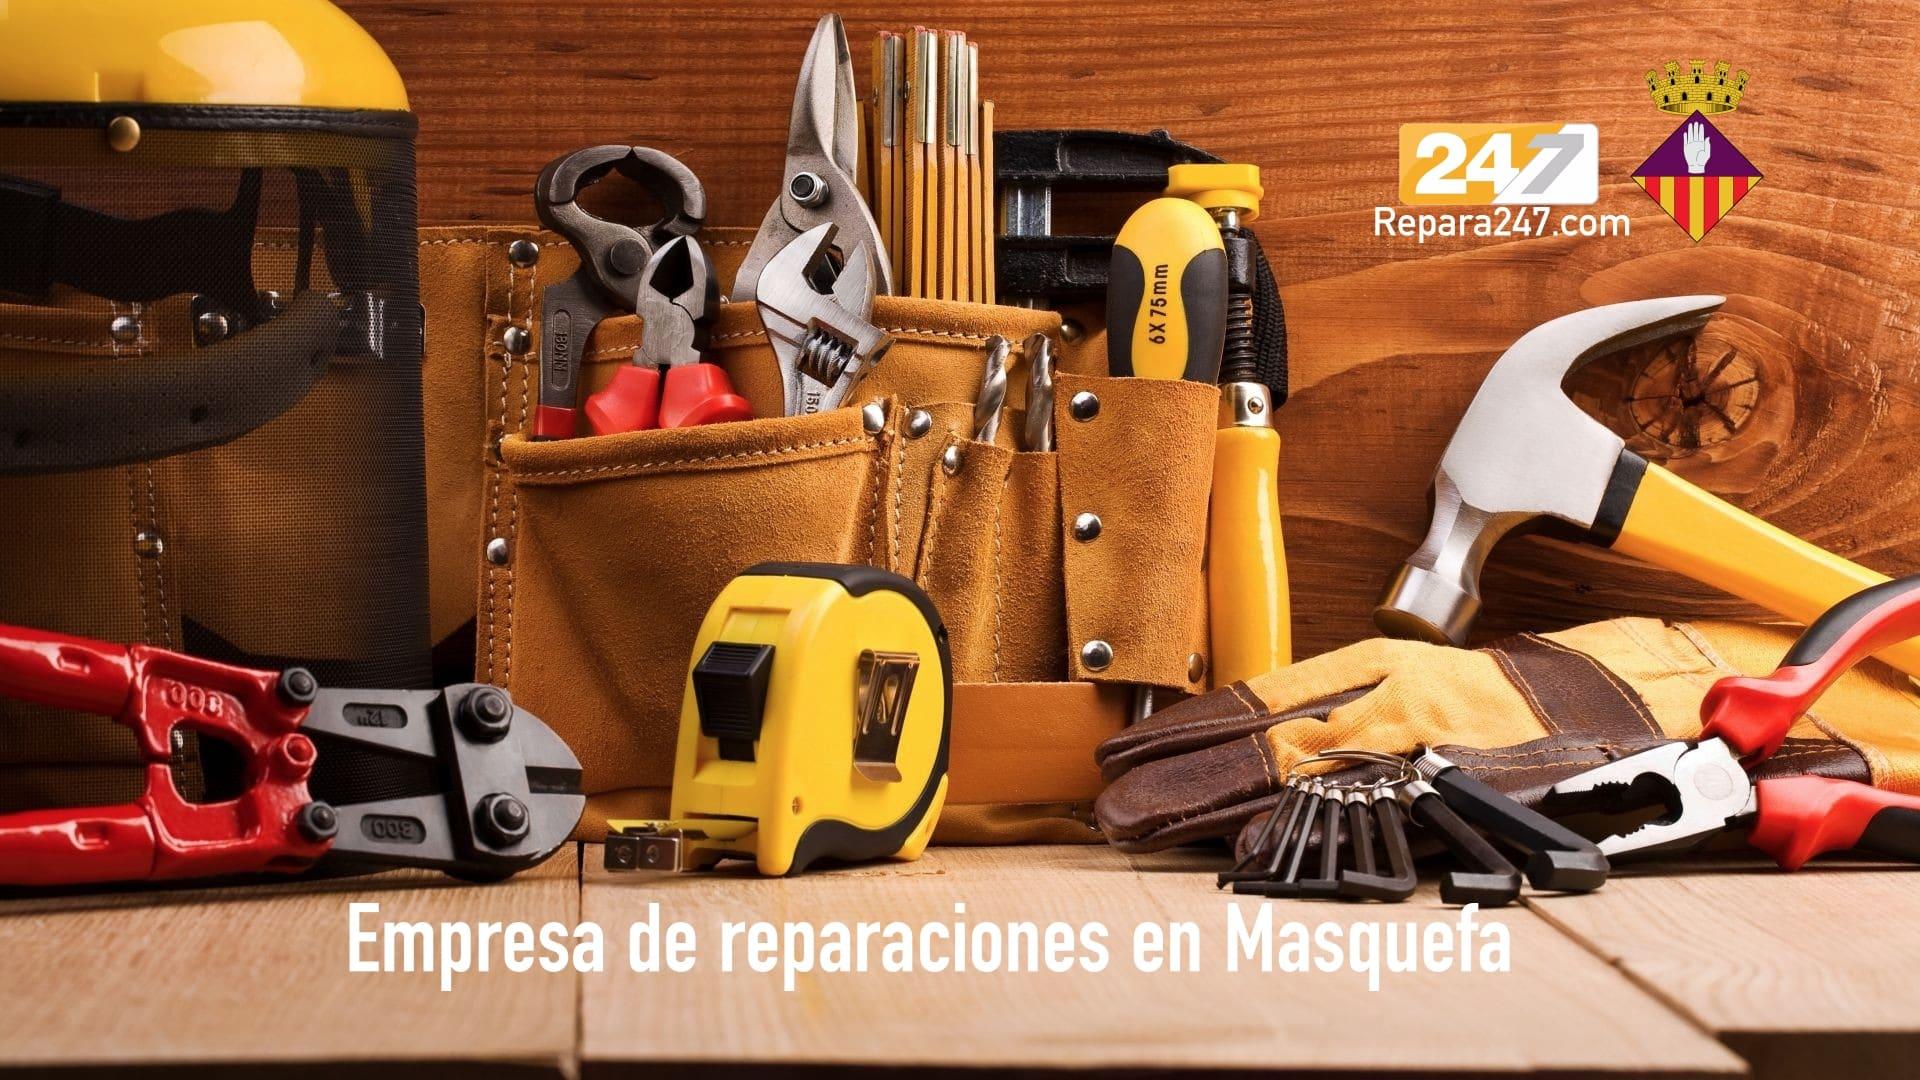 Empresa de reparaciones en Masquefa